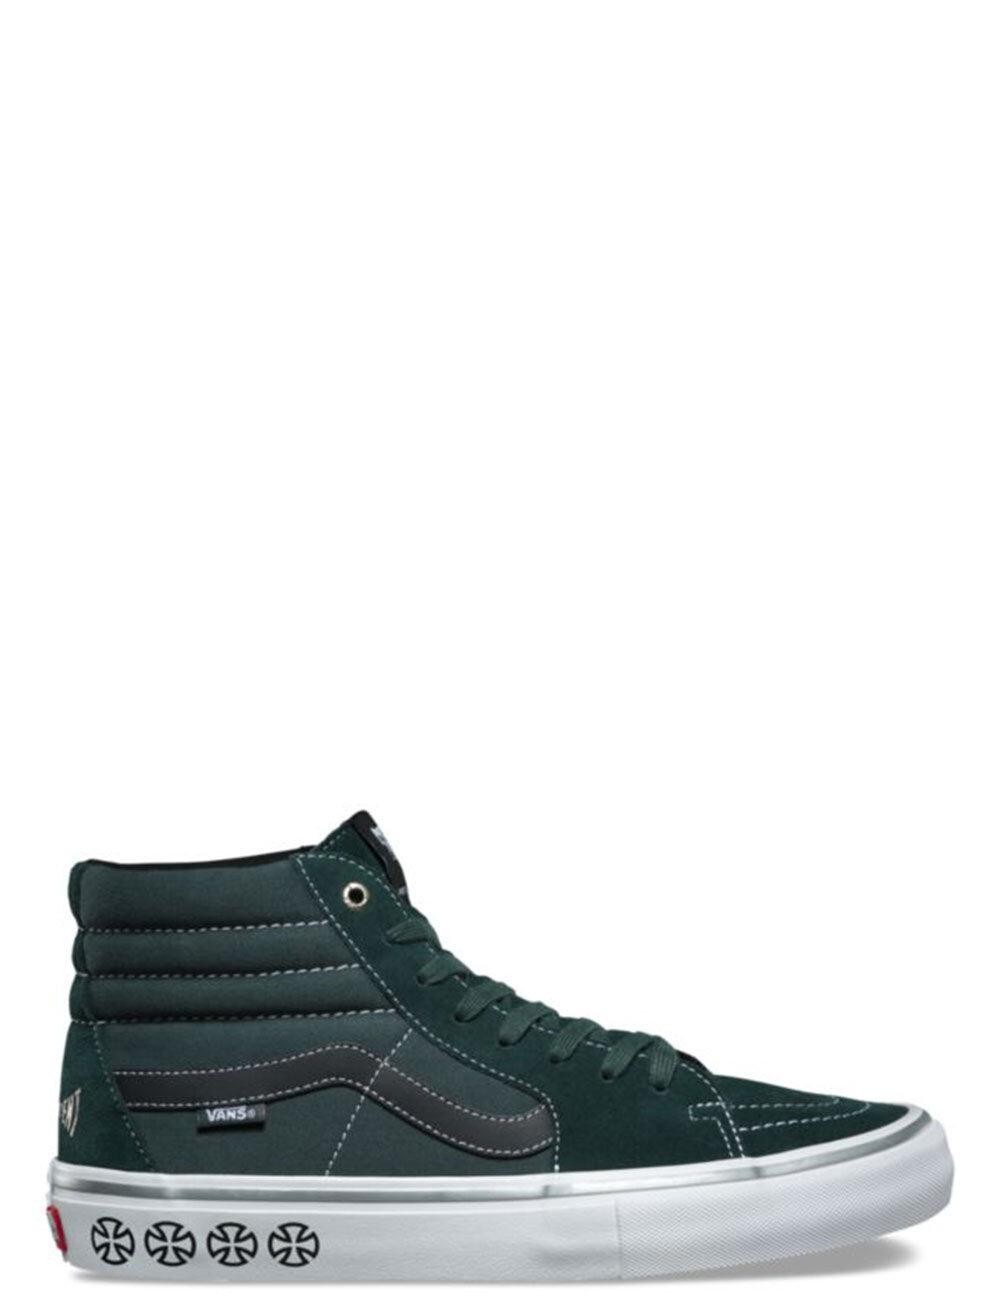 0f1d6f650670 SK8 HI PRO - INDEPENDENT - Men s Footwear